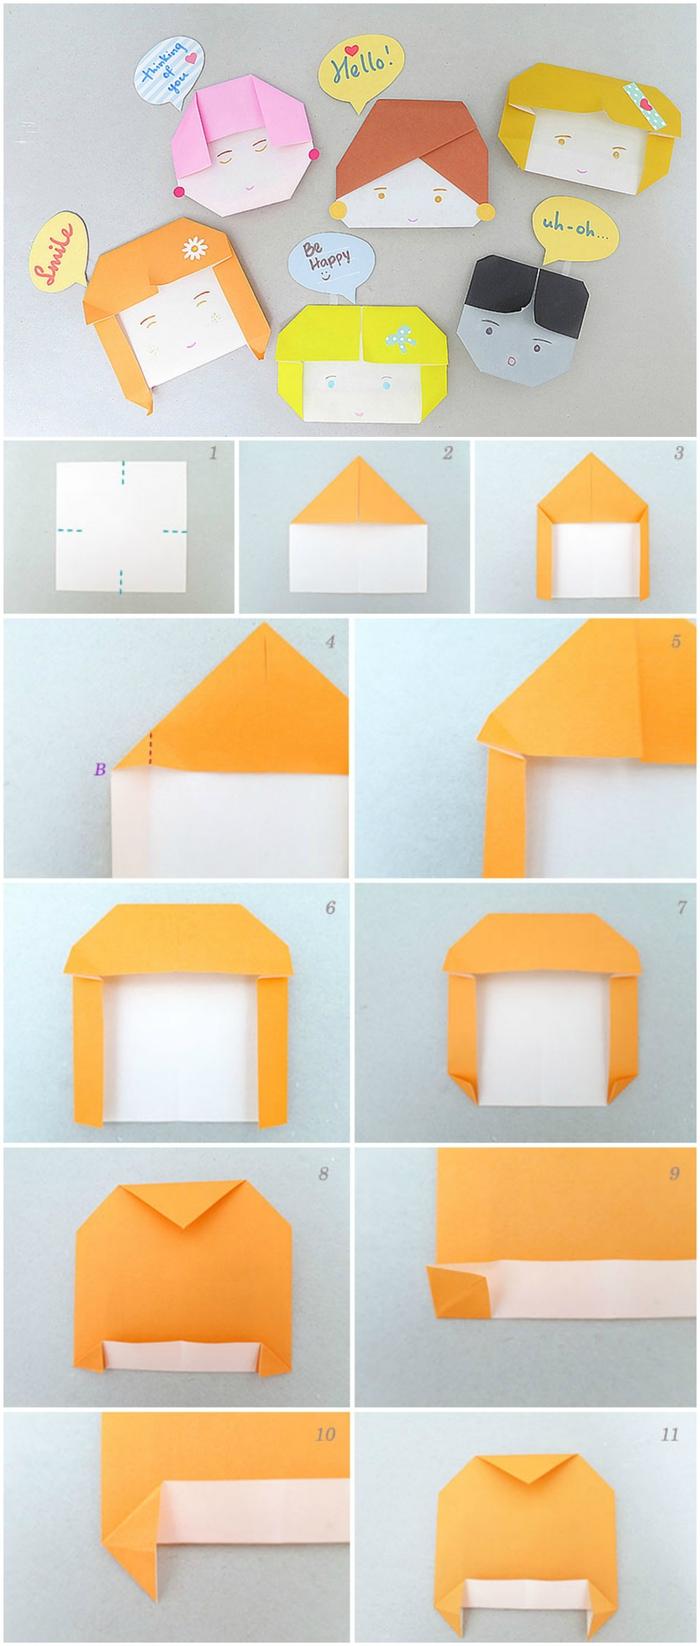 activité manuelle ludique avec des modèles d'origami enfant, têtes de personnages rigolos réalisées en papier et faciles à personnaliser